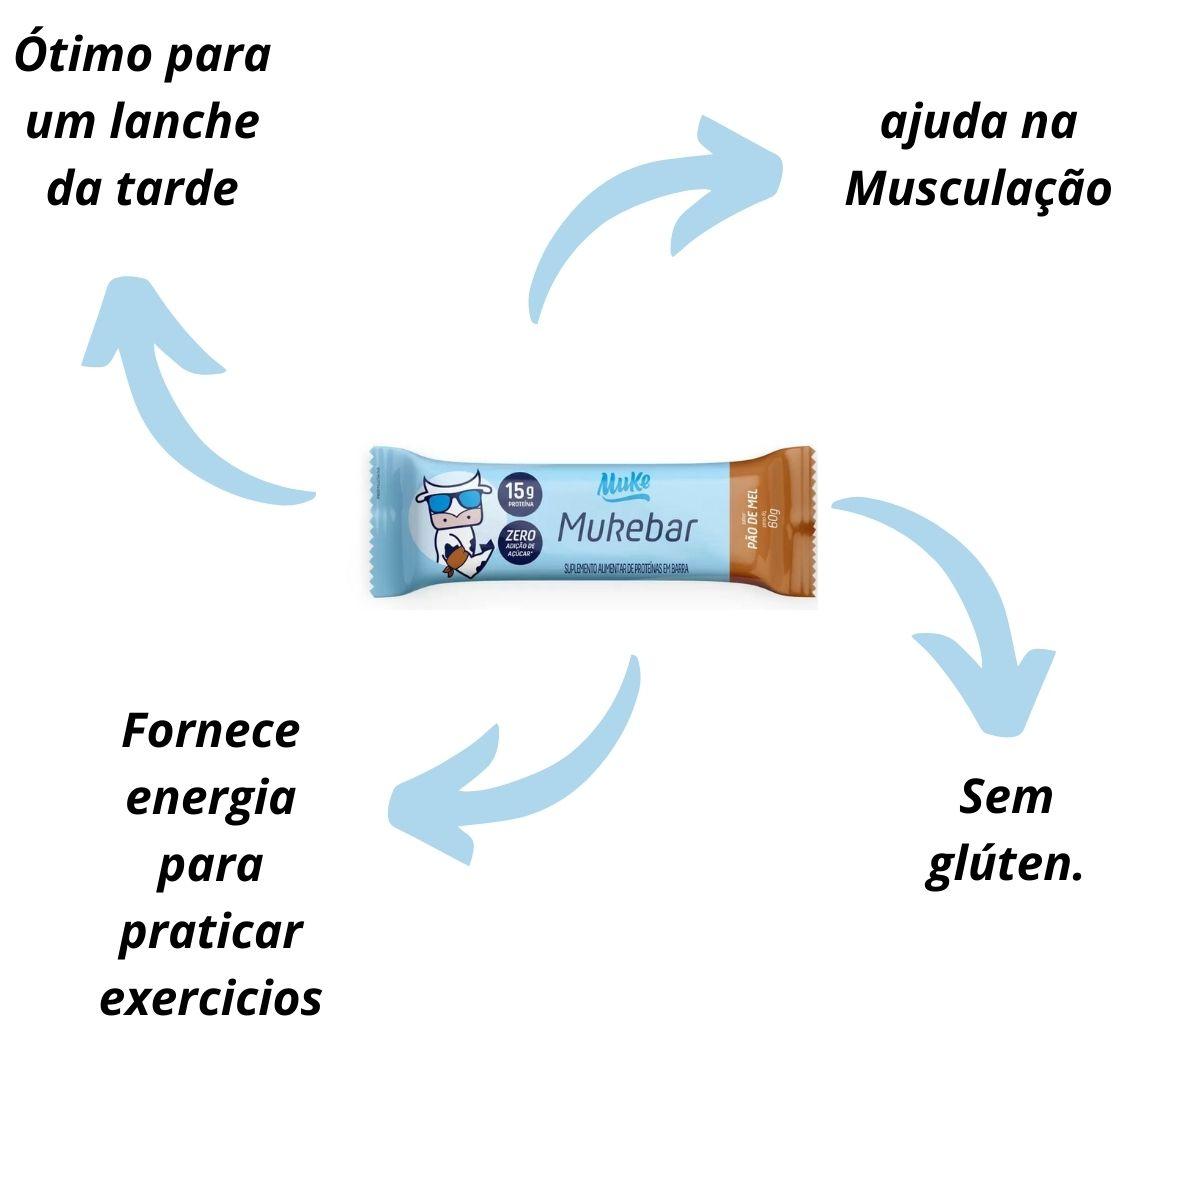 MUKEBAR PÃO DE MEL 720G - 12 UNIDADES